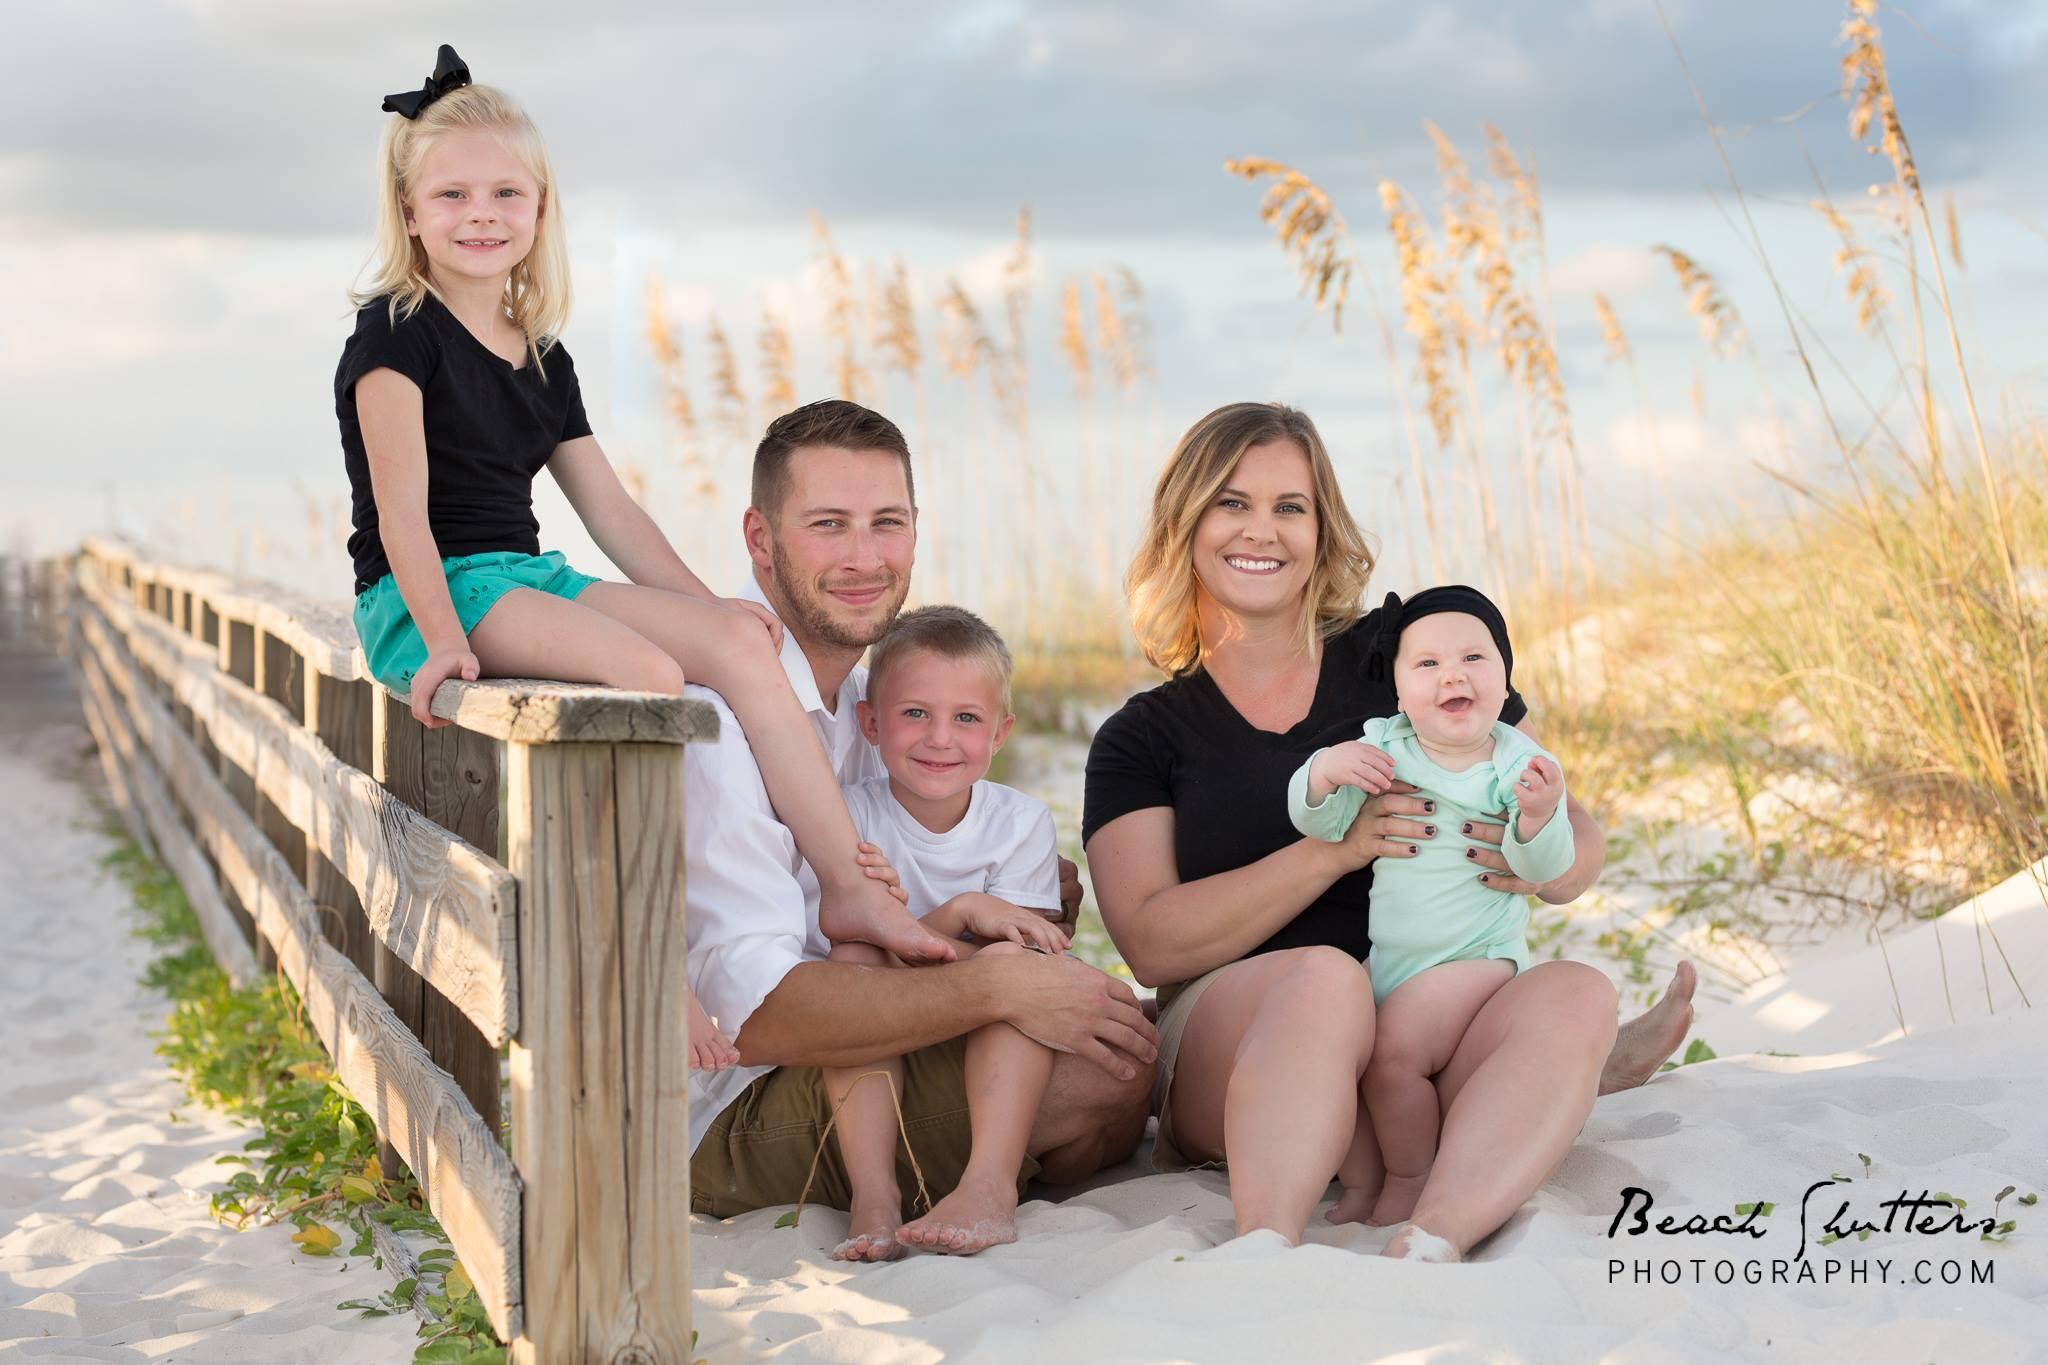 photographer Orange Beach takes sunset photos of family